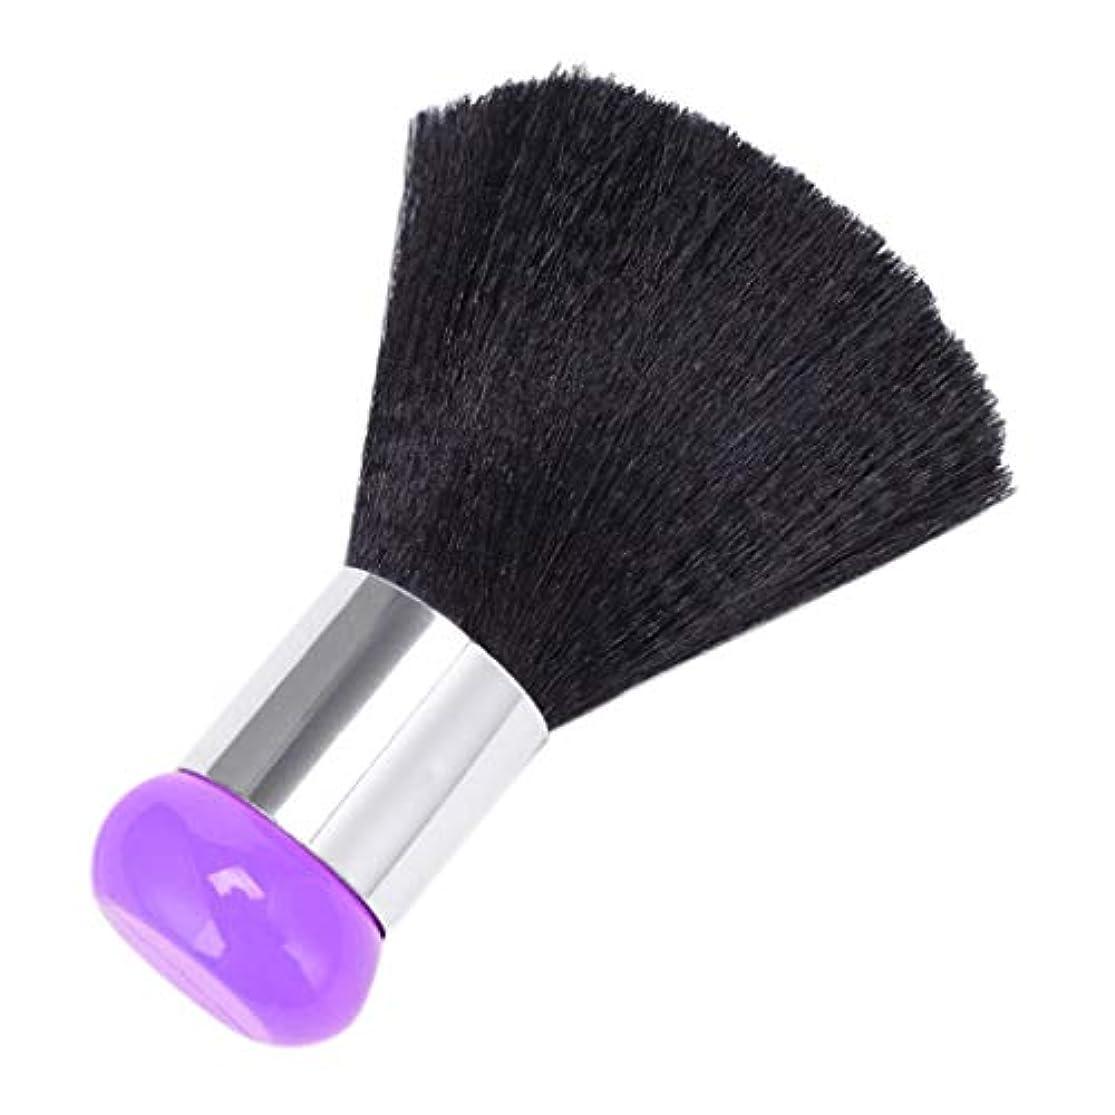 ラフトコークスルアーヘアカット ネックダスタークリーナー ヘアブラシ サロンツール 2色選べ - 紫